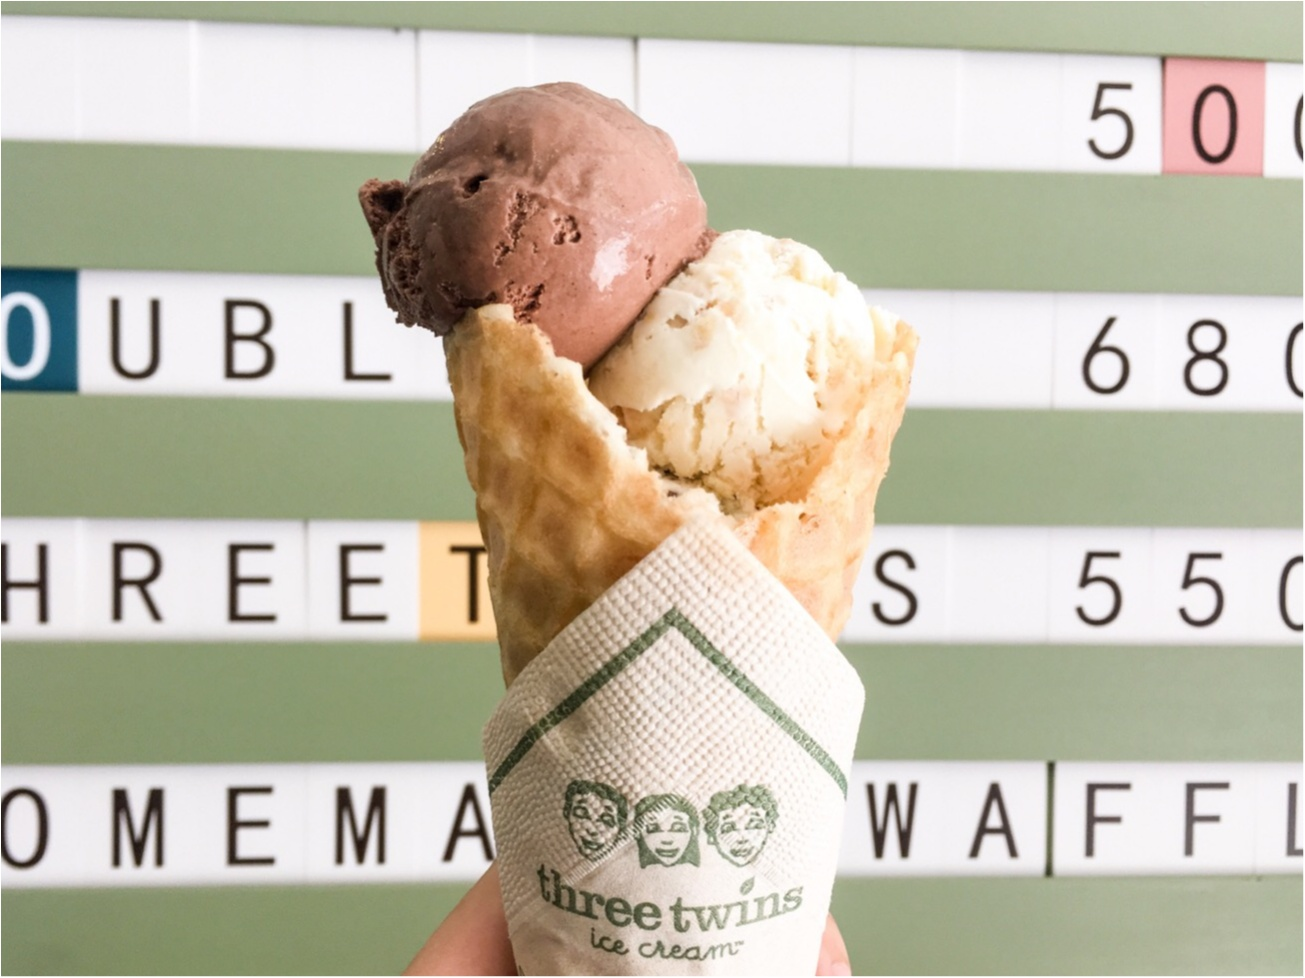 《代官山/ご当地アイス》  暑い日に食べたい♡  全米の心を鷲掴みにしたオーガニックアイス『Three Twins Ice Cream』が日本初上陸!_3